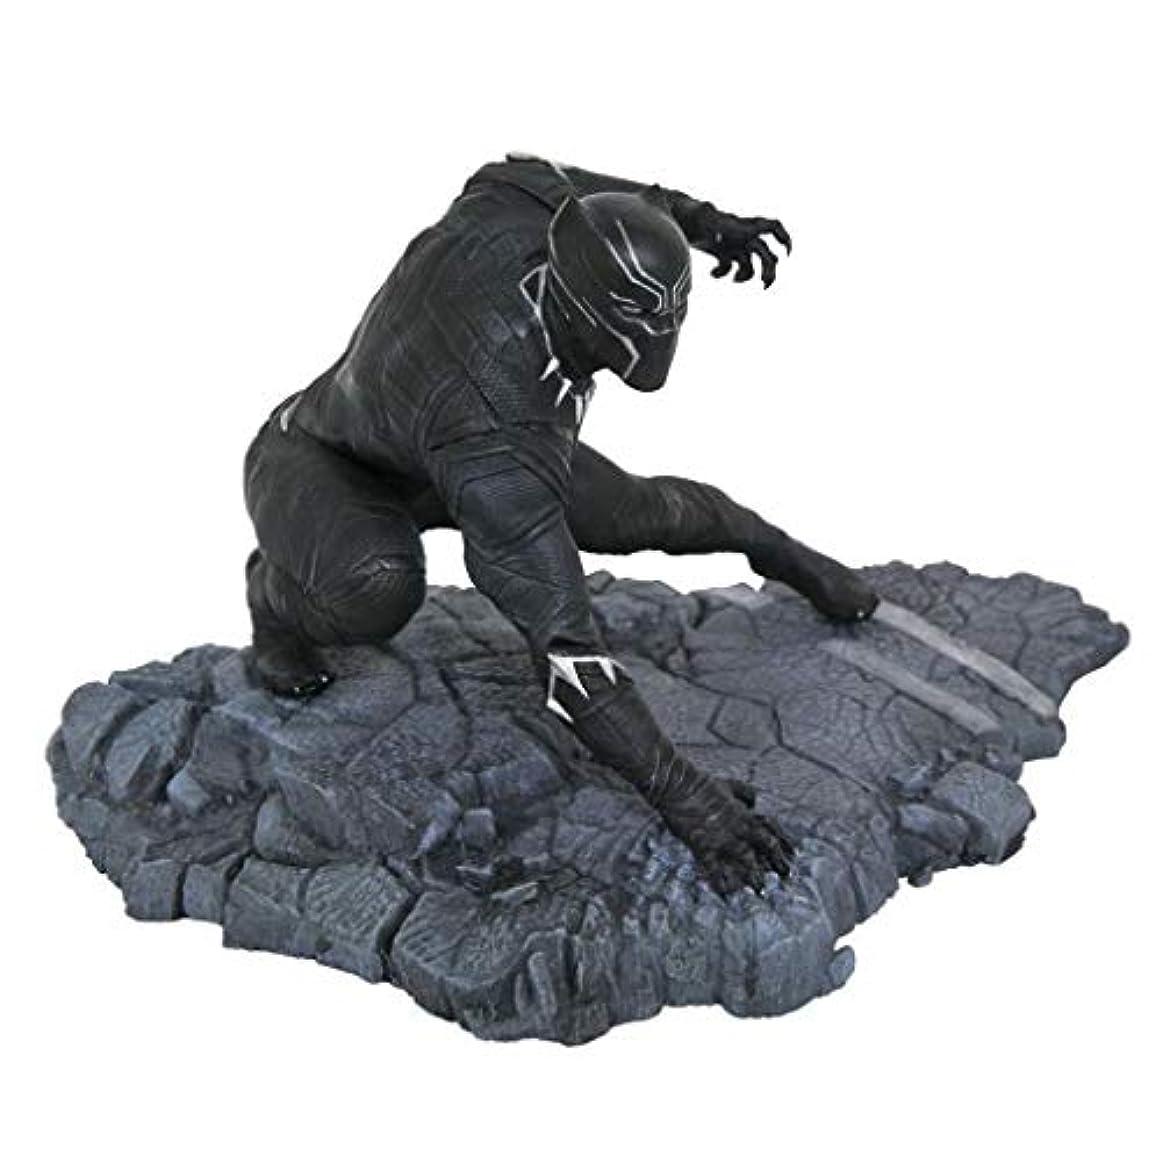 かなりのアクセルパースブラックボロウ玩具像玩具モデル漫画キャラクターブラックパンサー映画シリーズキャラクターお土産像15センチ Hyococ